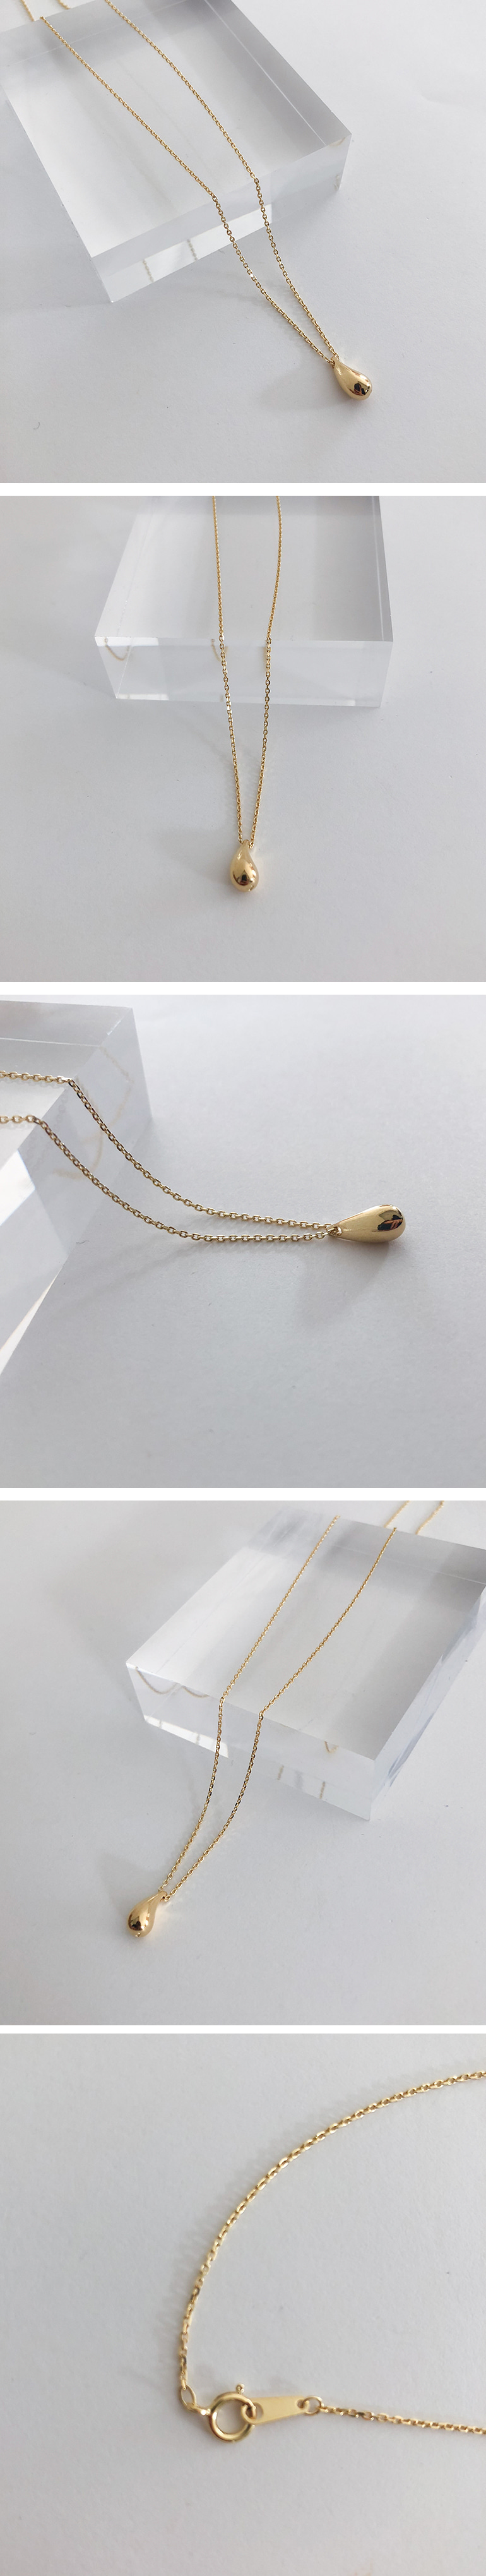 (silver925) rain drop necklace